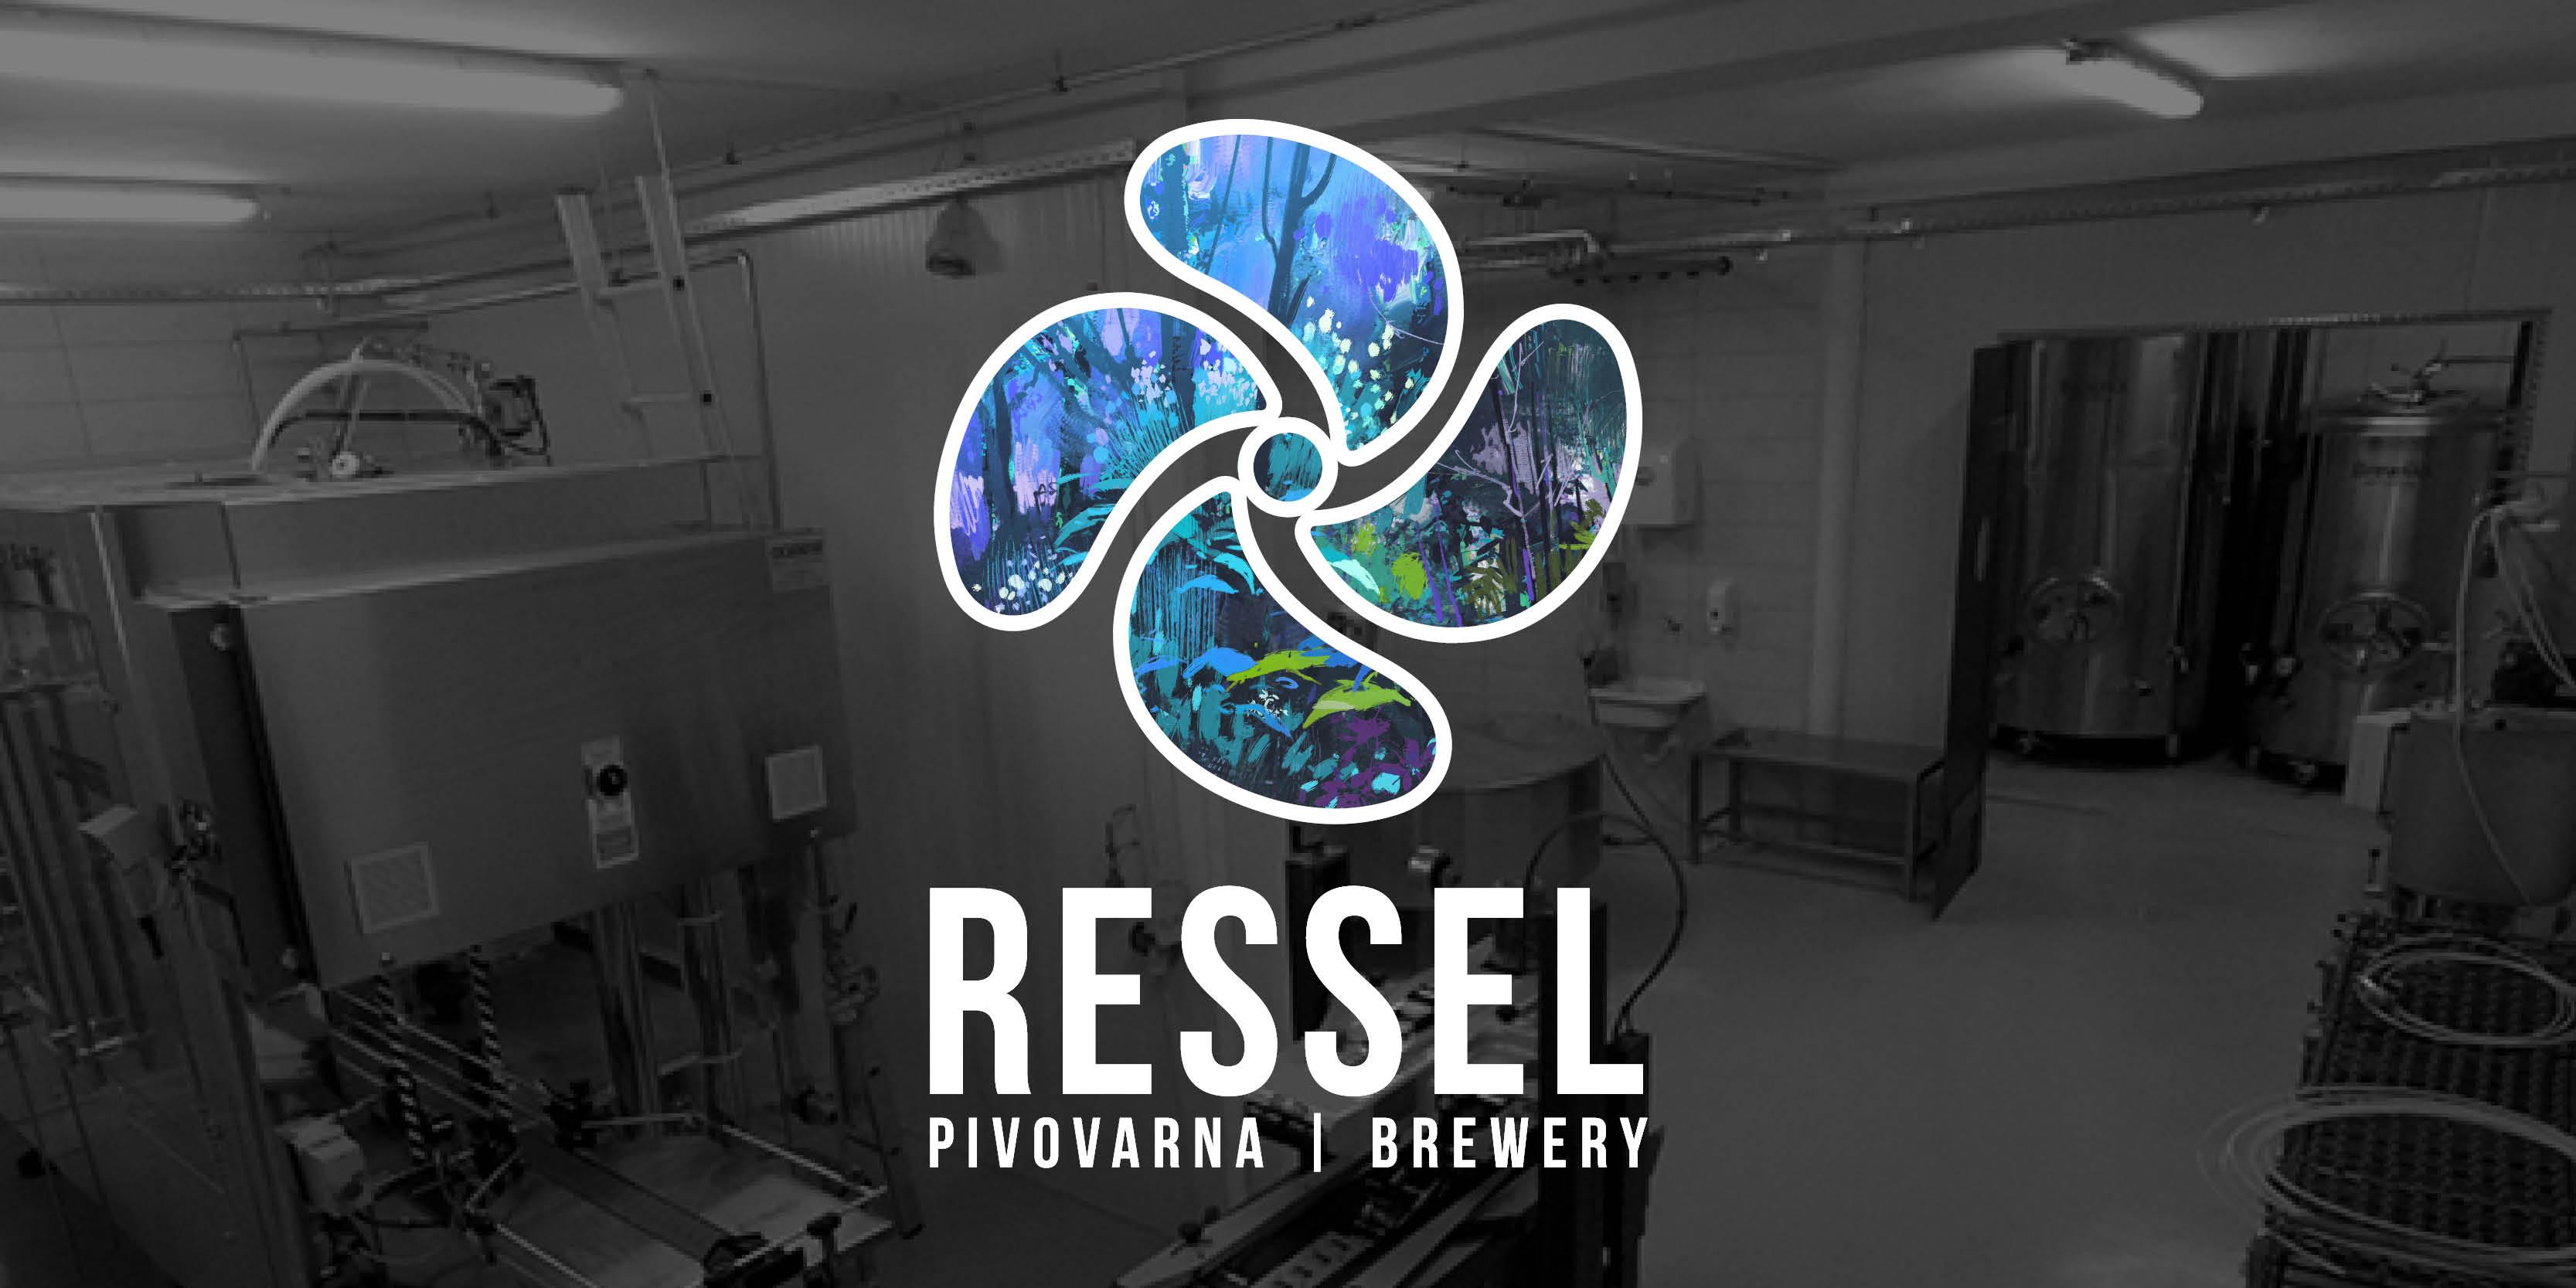 GAST 2018, Ressel pivovarna